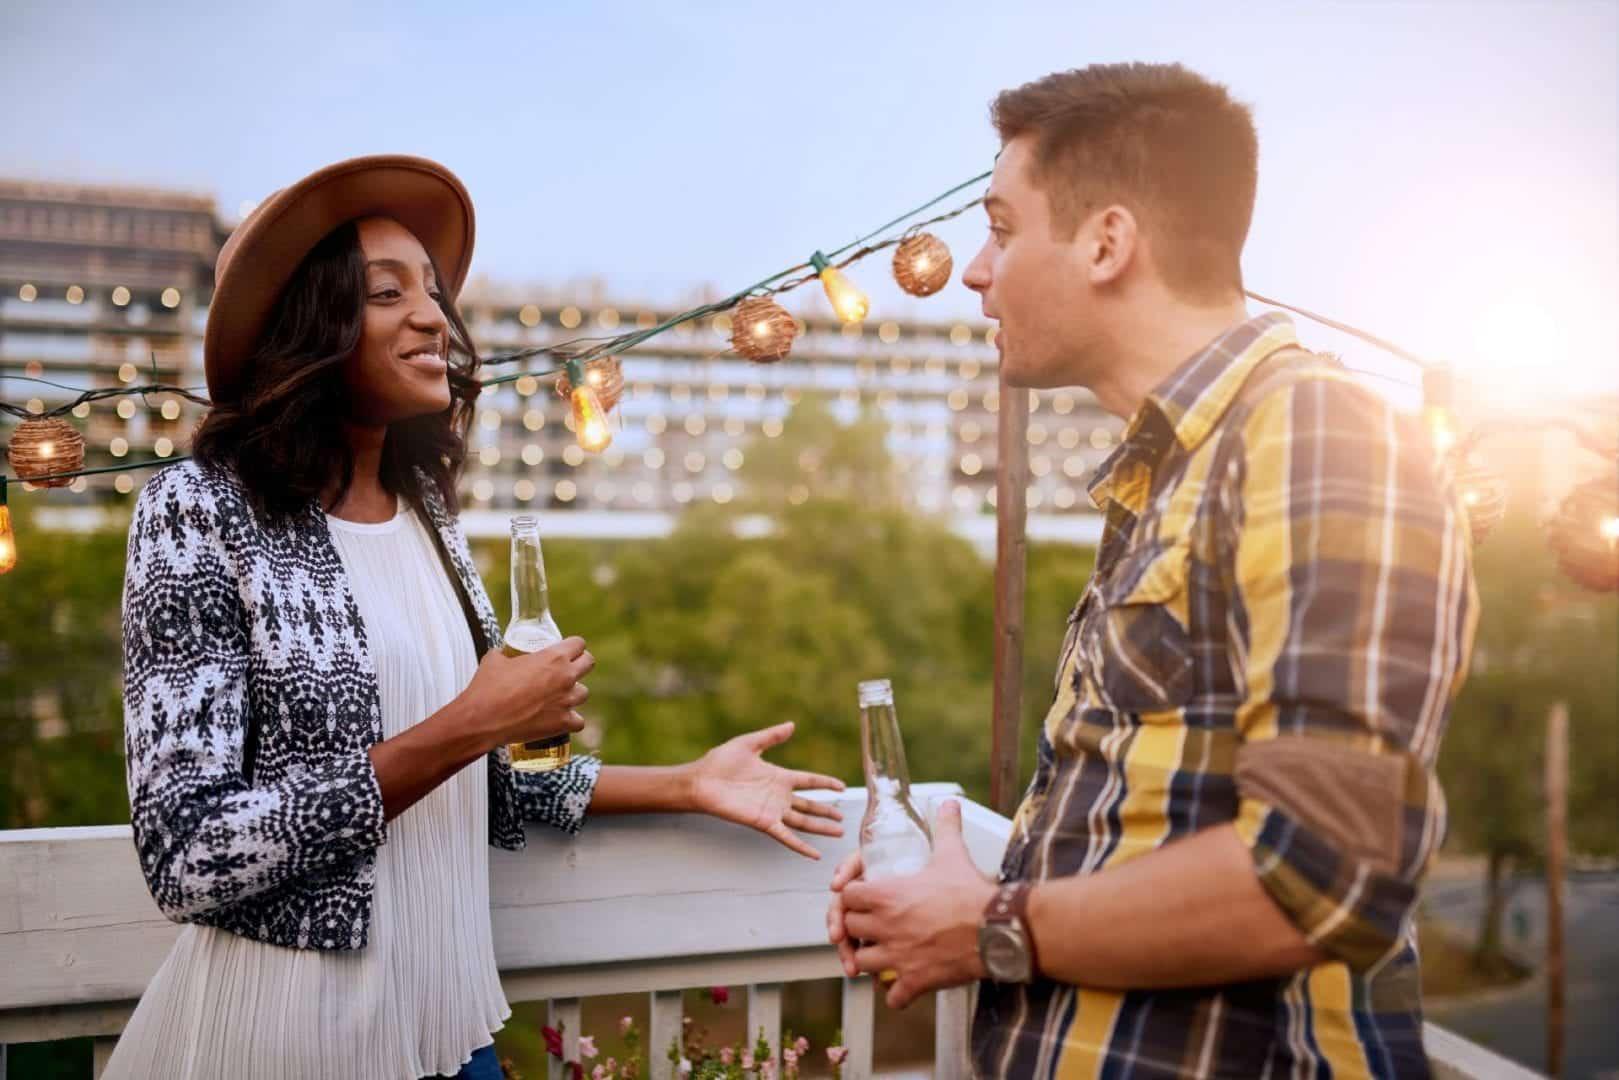 Puxar assunto - Como quebrar o silêncio com o crush ou outras pessoas